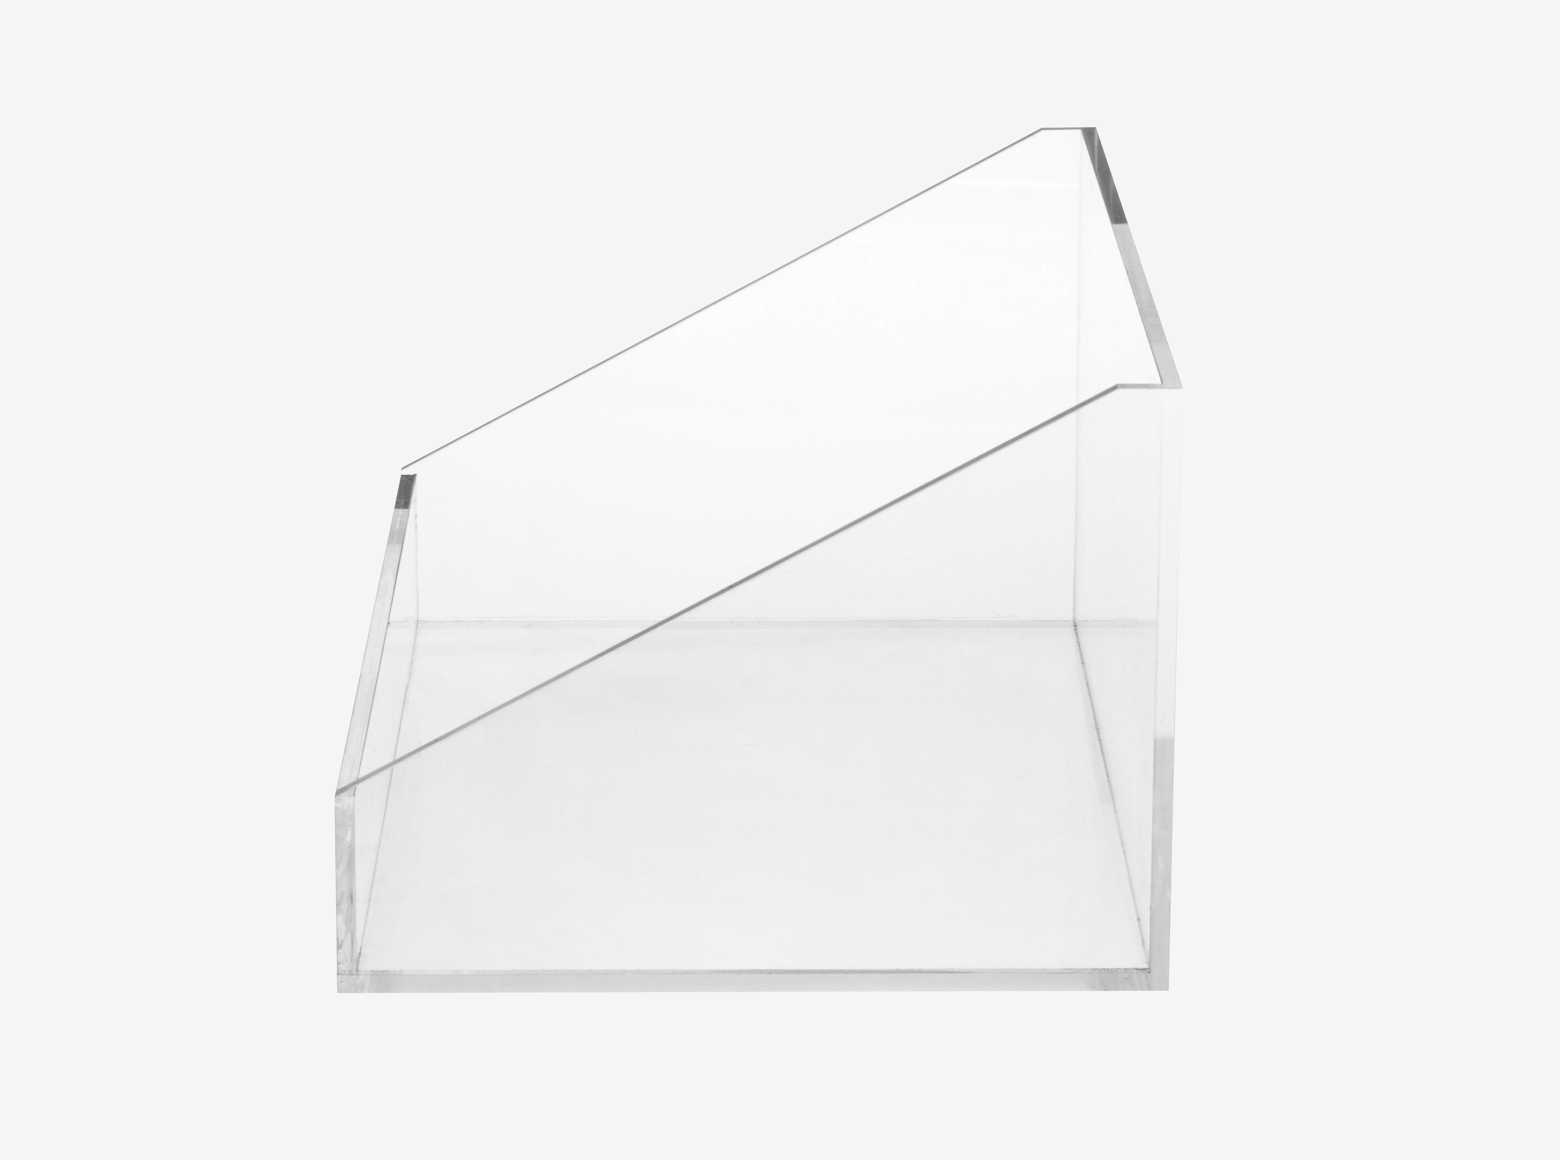 제품진열대1_사다리꼴형-롤링배너 슬라이드4